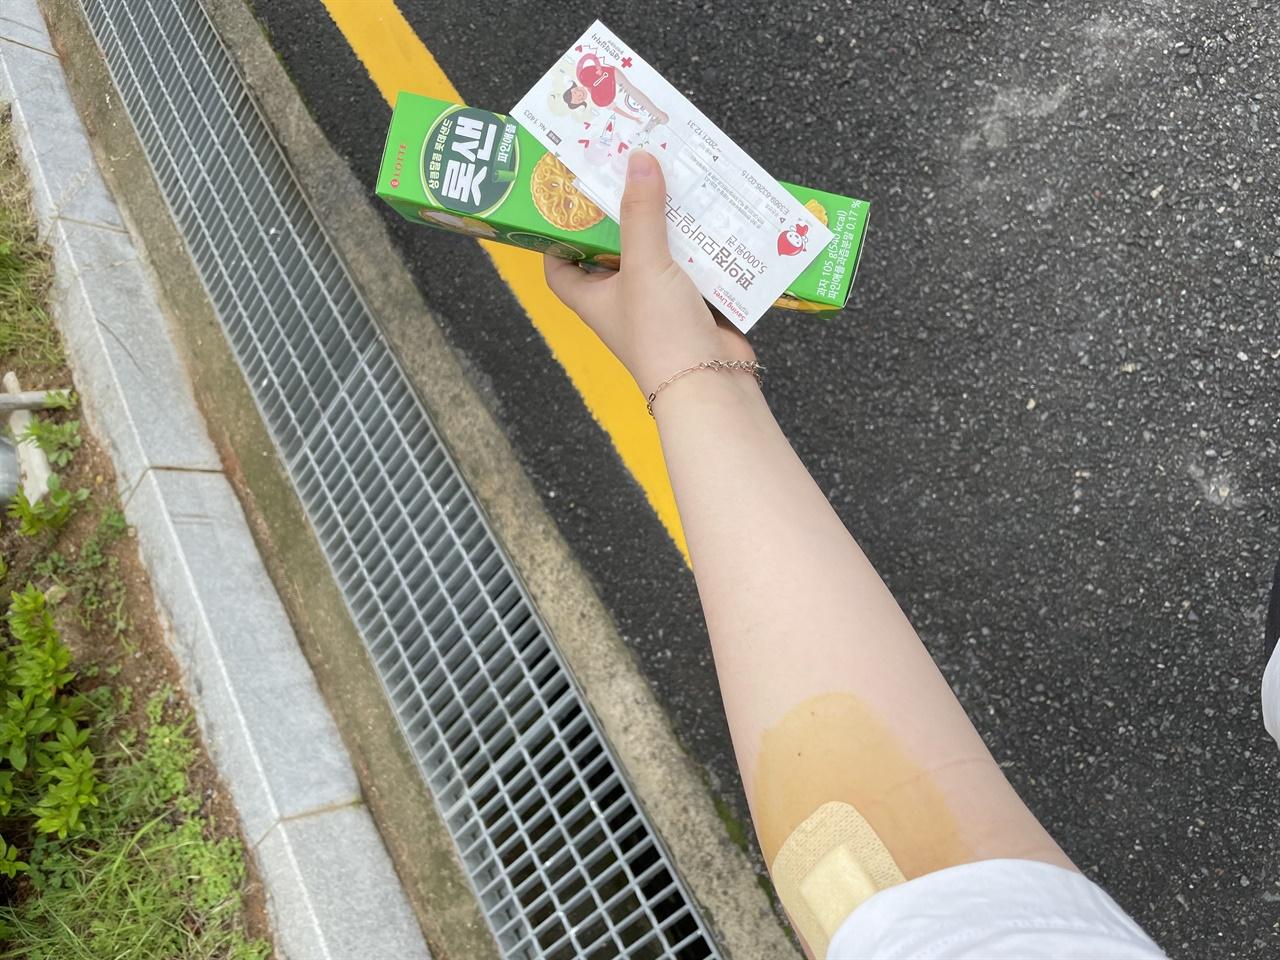 헌혈의 흔적 헌혈이 끝난 후 상품을 챙겨 교실로 돌아가는 모습이다.